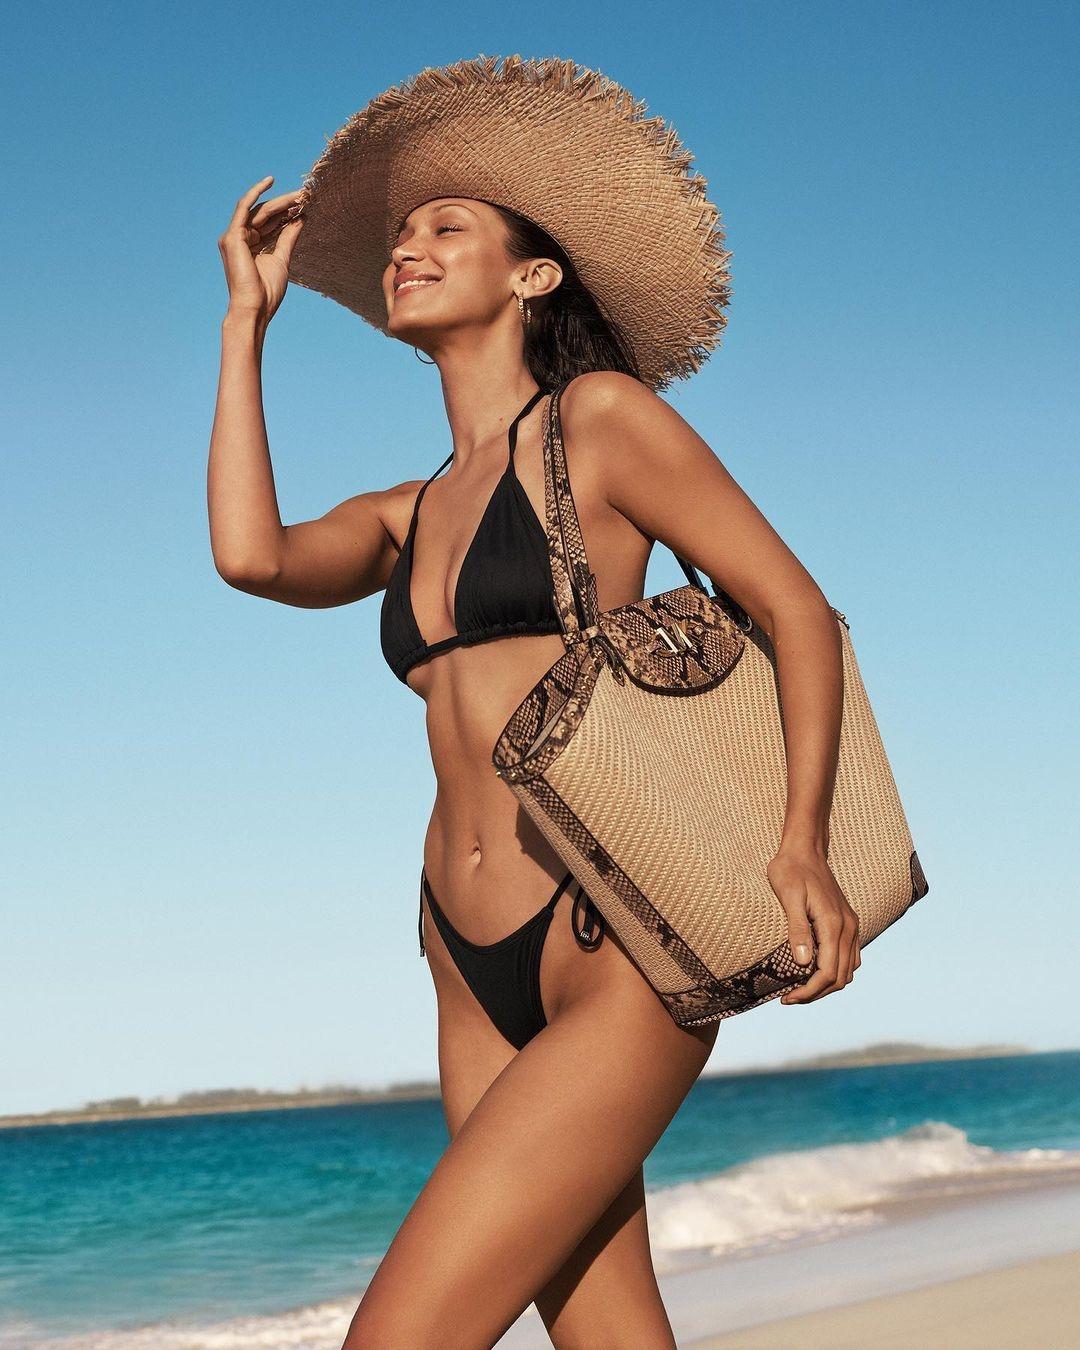 Белла Хадид показала самые модные сумки 2021 года в новой рекламе Michael Kors (ФОТО) - фото №1